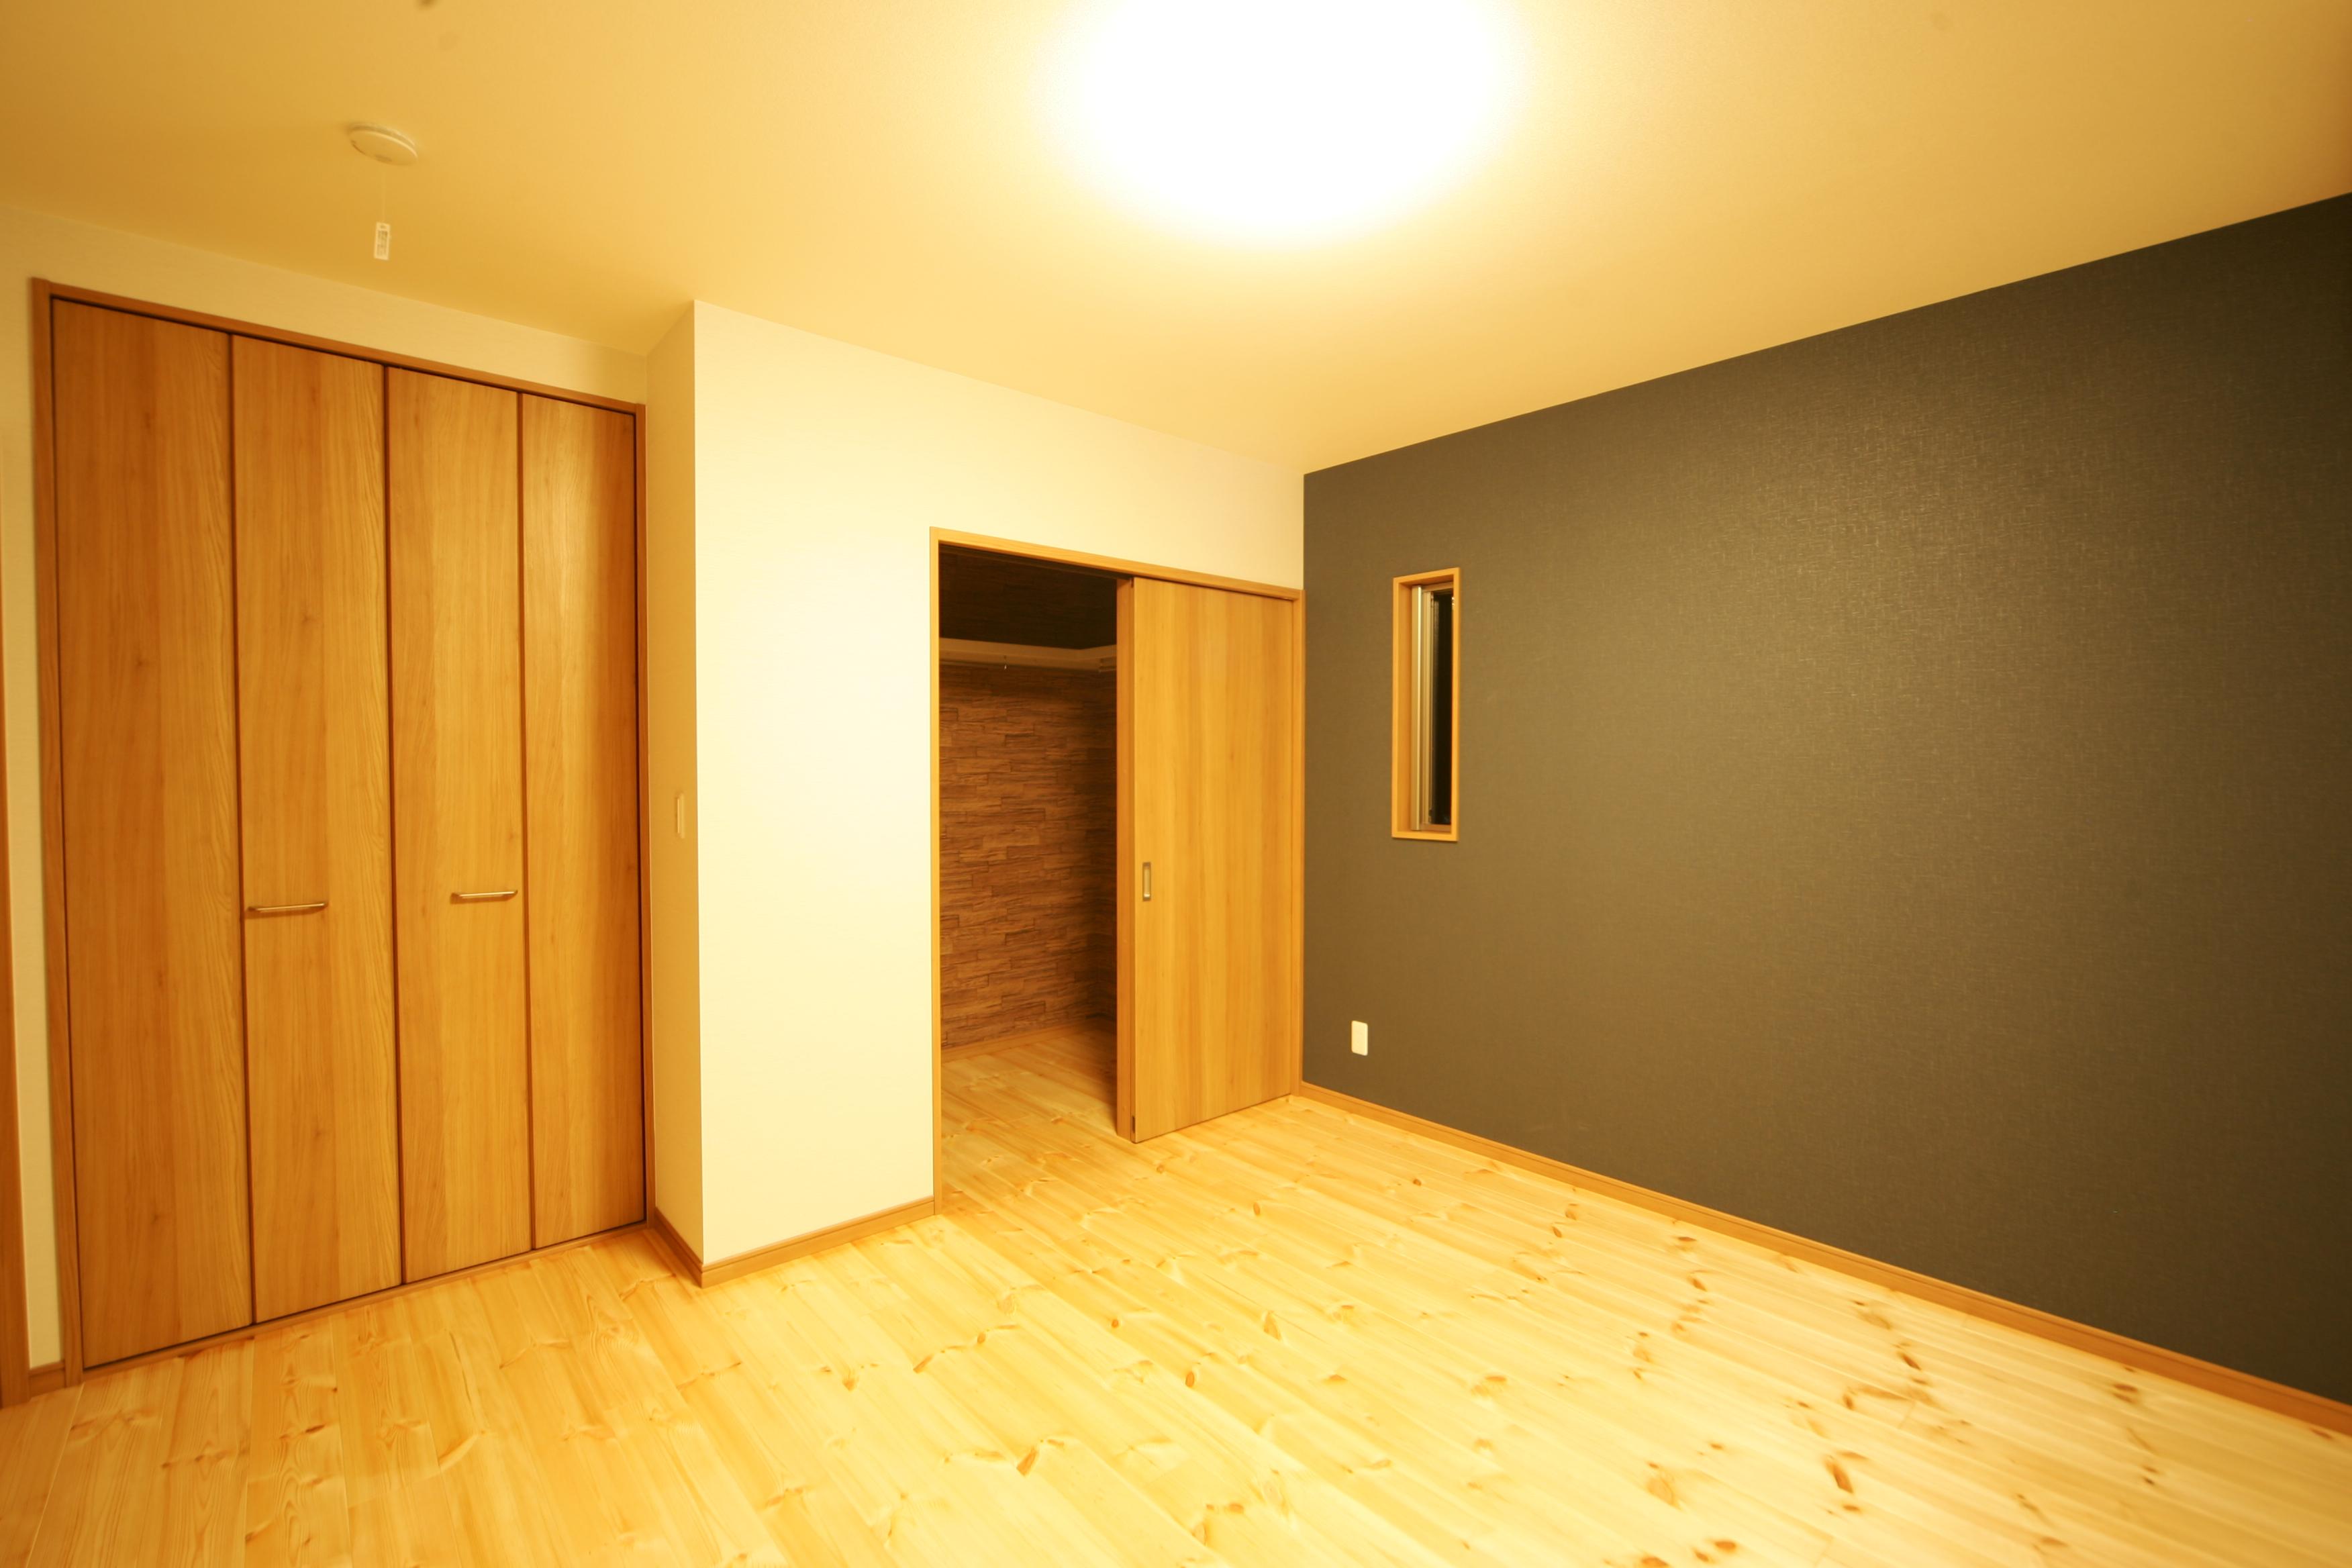 住まいるコーポレーション【子育て、自然素材、間取り】モスグリーンのアクセントクロスが、落ち着いた雰囲気をかもしだす夫婦の寝室。ウォークインクローゼットと納戸を設けてあるので、衣類や荷物がすっきり片付く